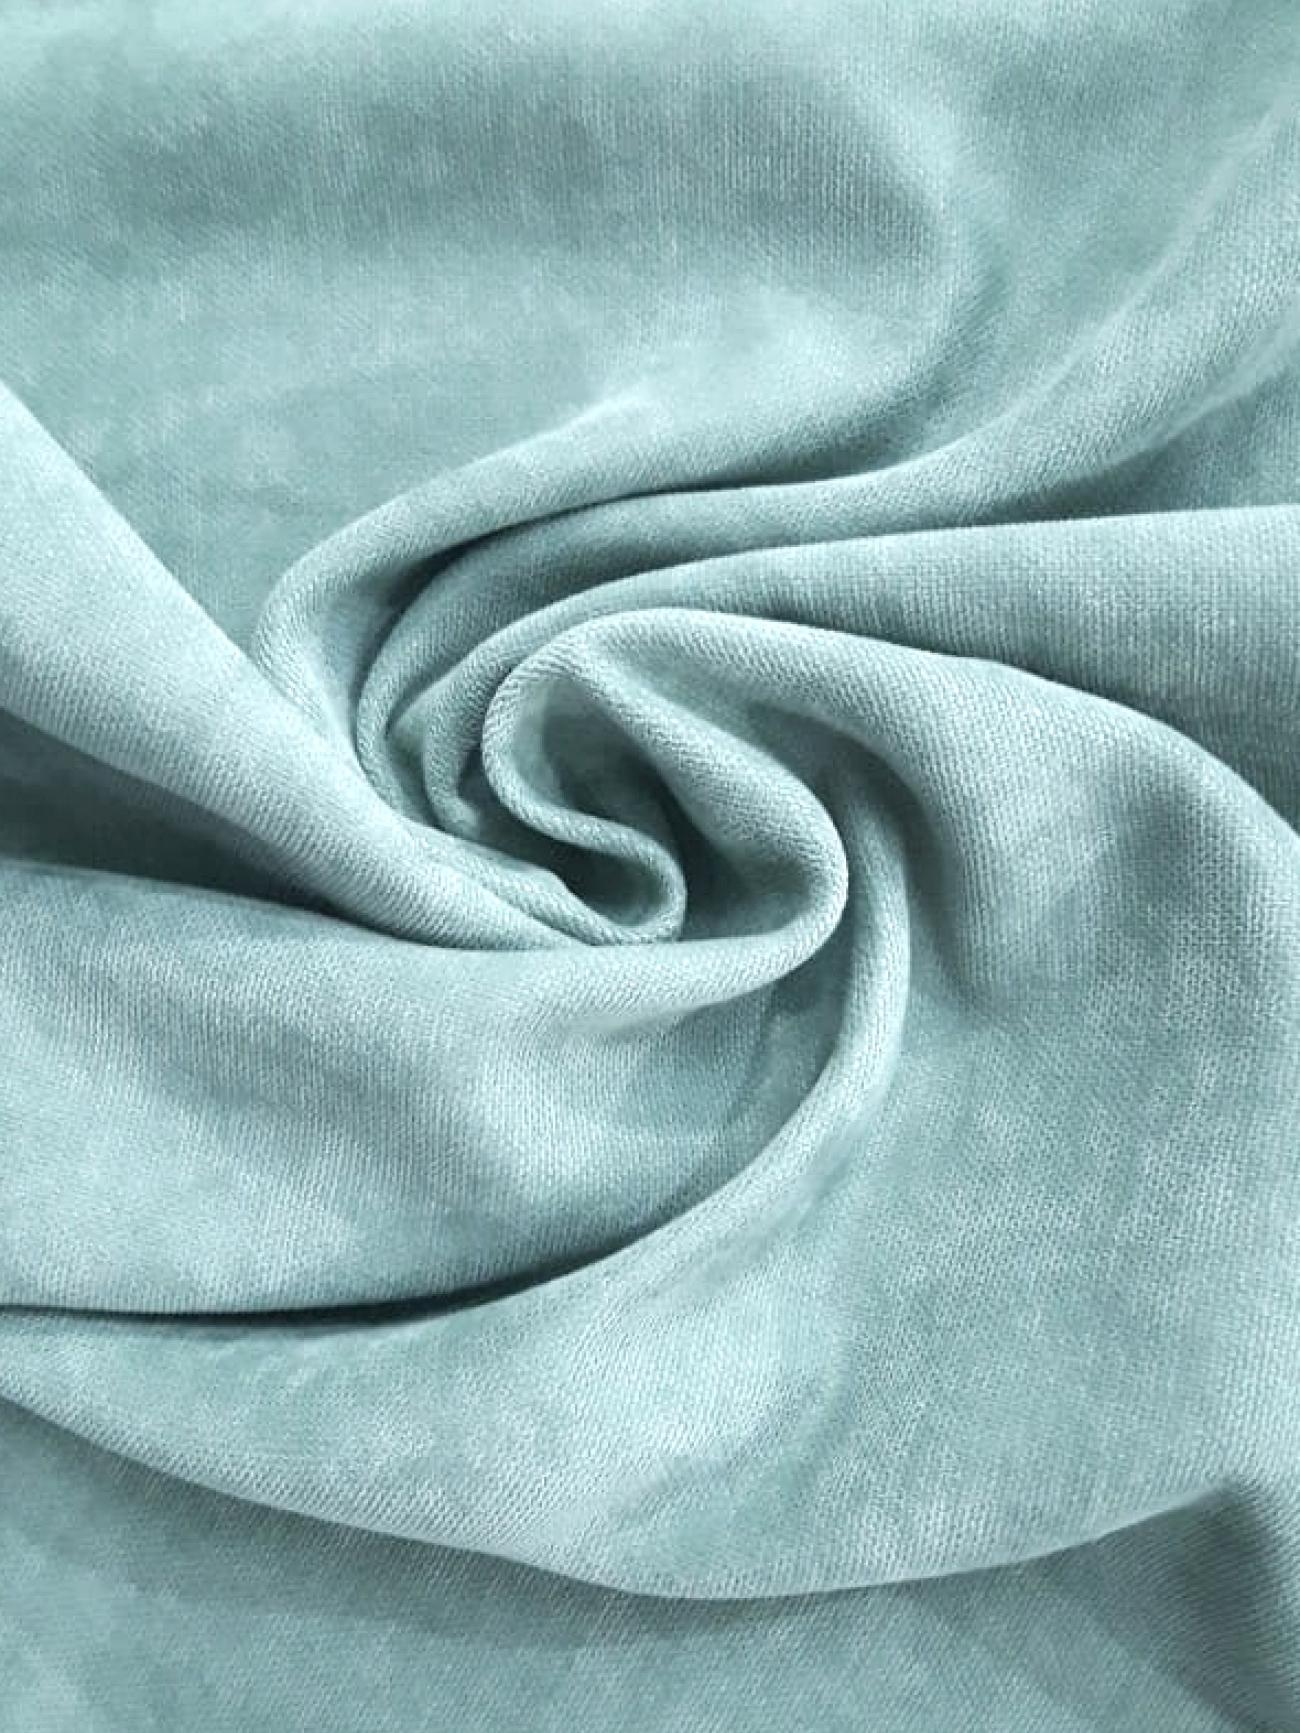 Скатерть портьерная мятно-голубая круглая